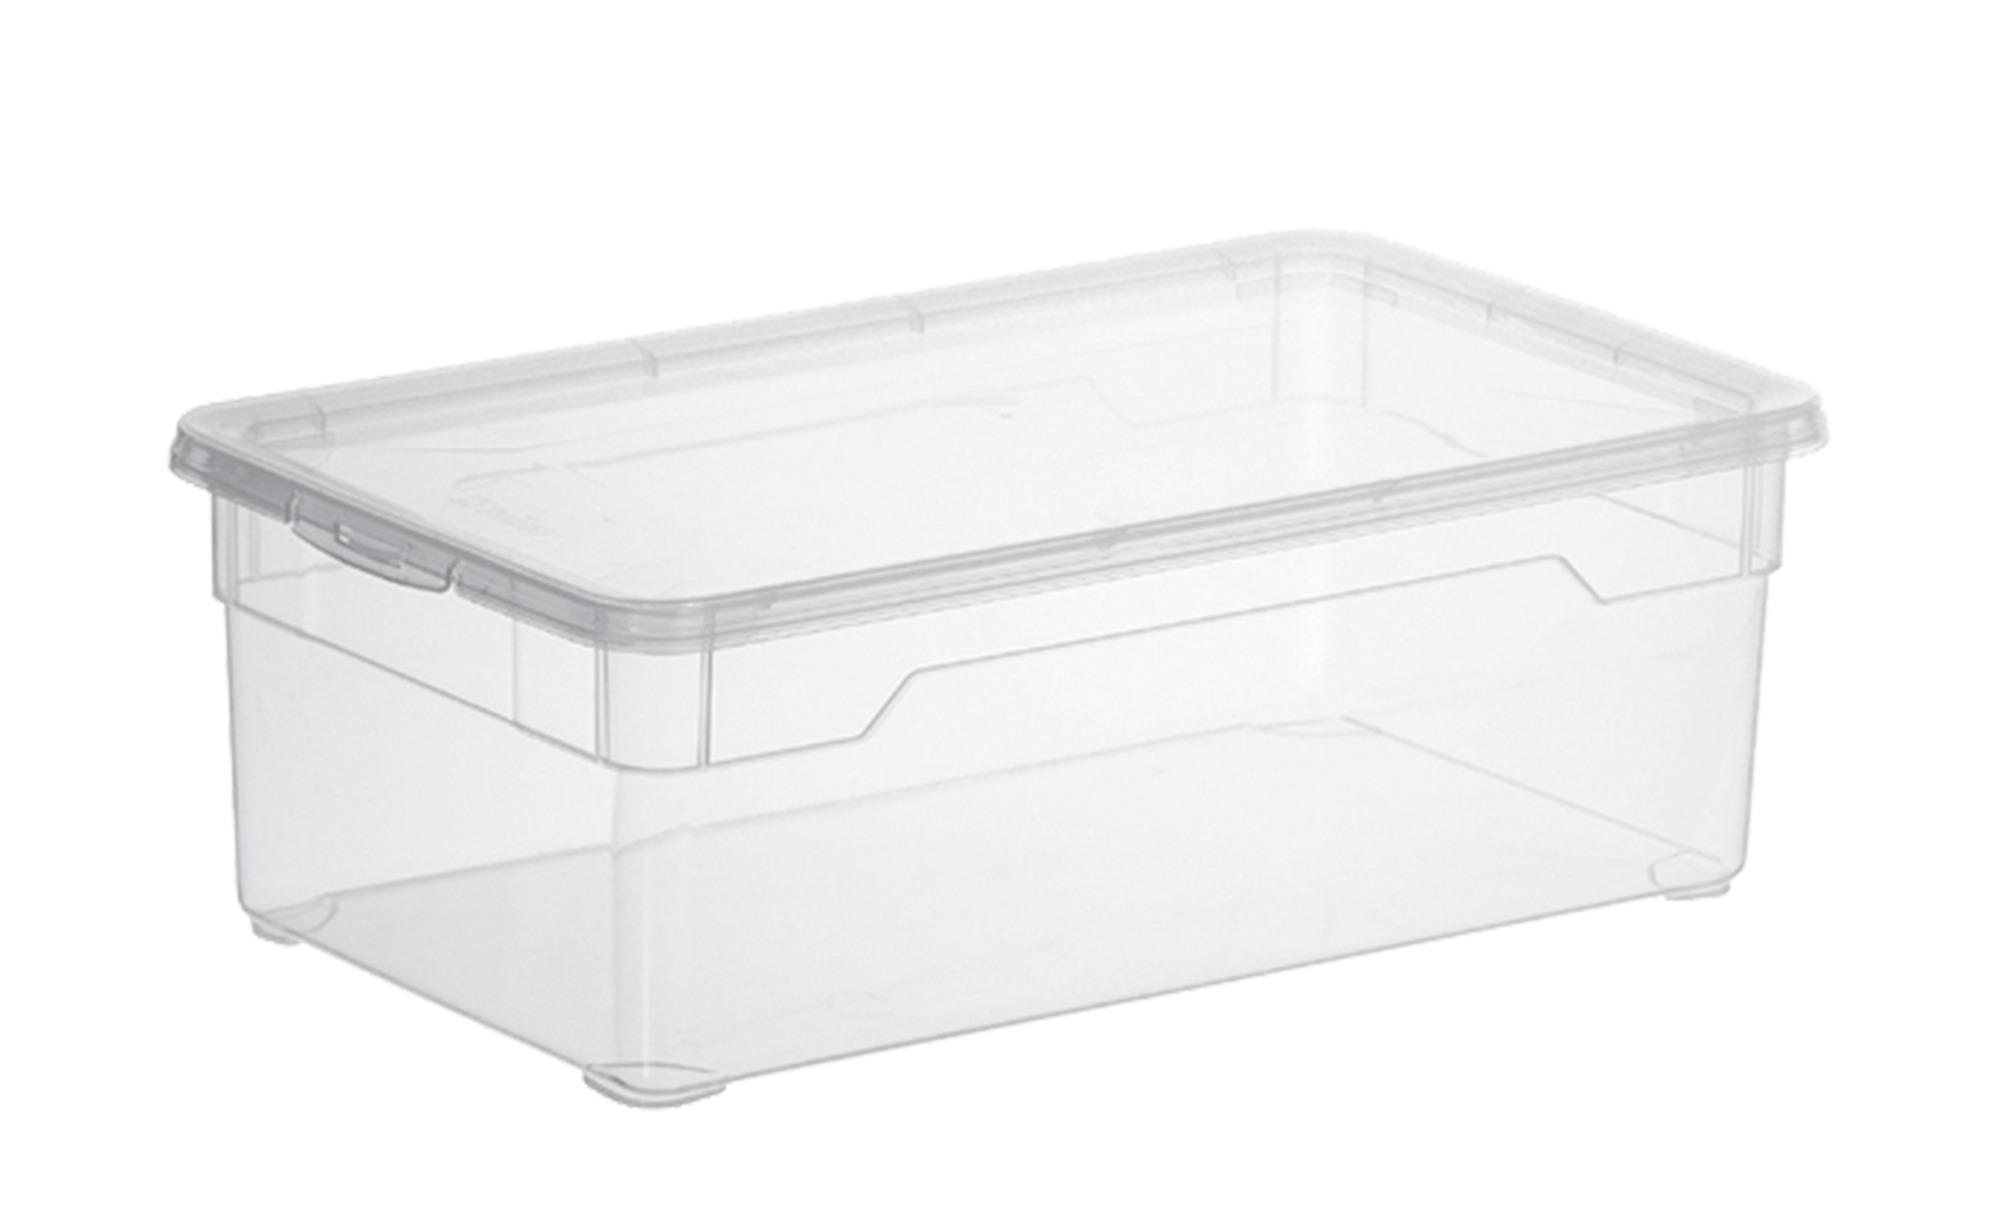 Rotho Aufbewahrungsbox mit Deckel ¦ transparent/klar ¦ Kunststoff ¦ Maße (cm): B: 19 H: 11 Regale > Regal-Aufbewahrungsboxen - Höffner